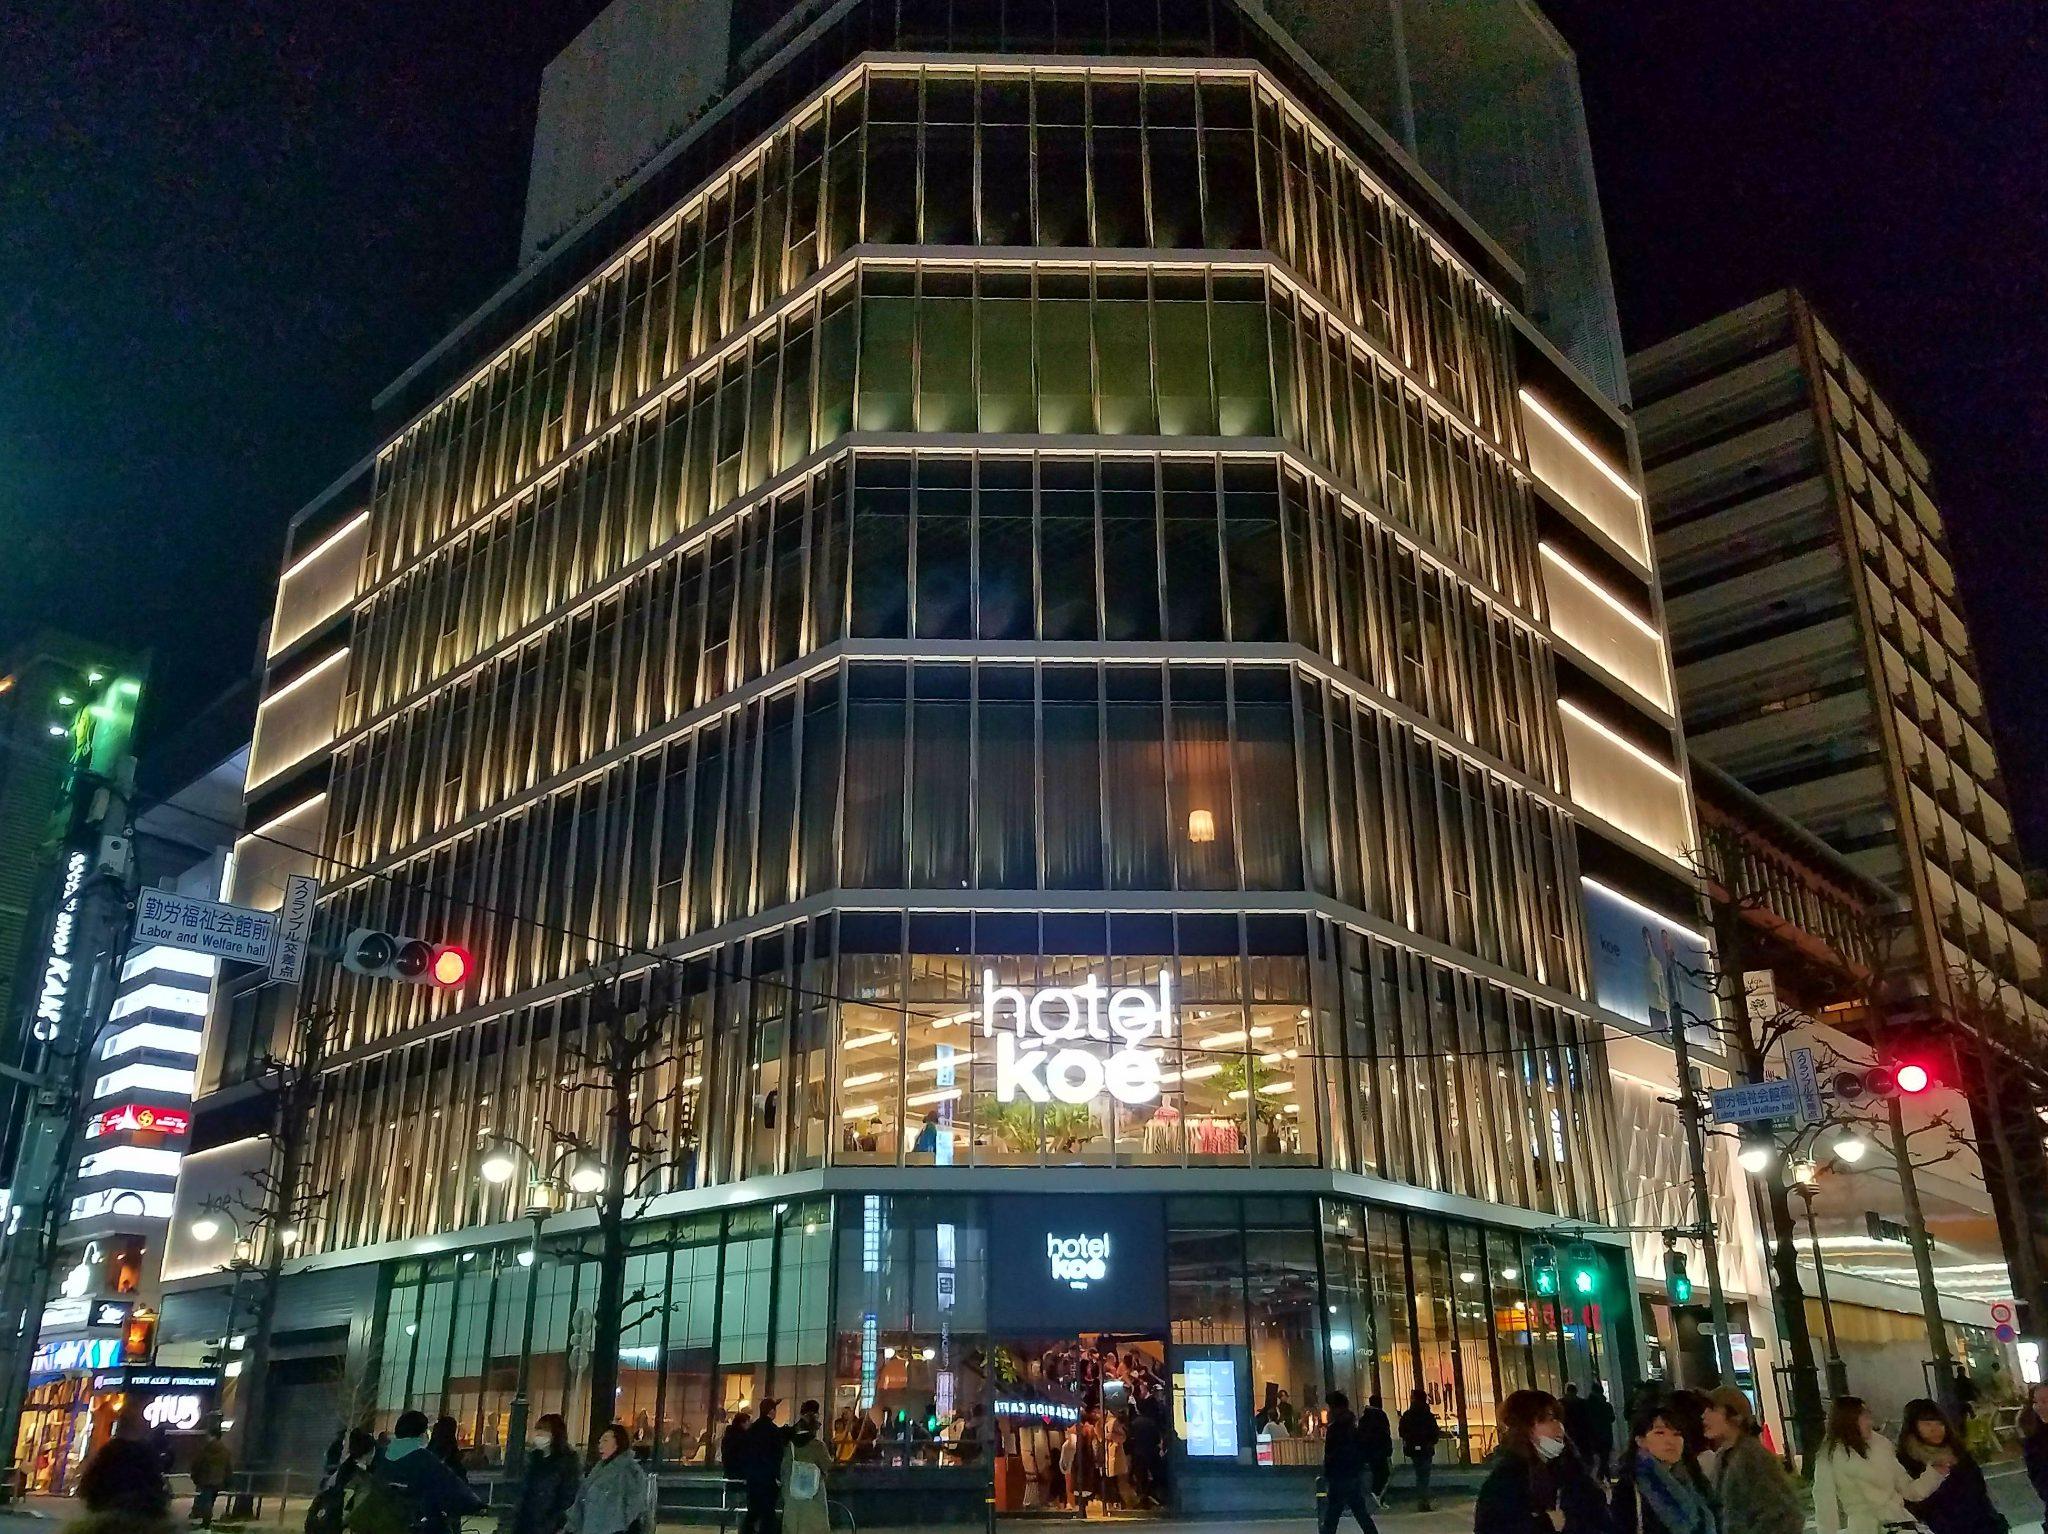 hotel koé, Shibuya, Tokyo